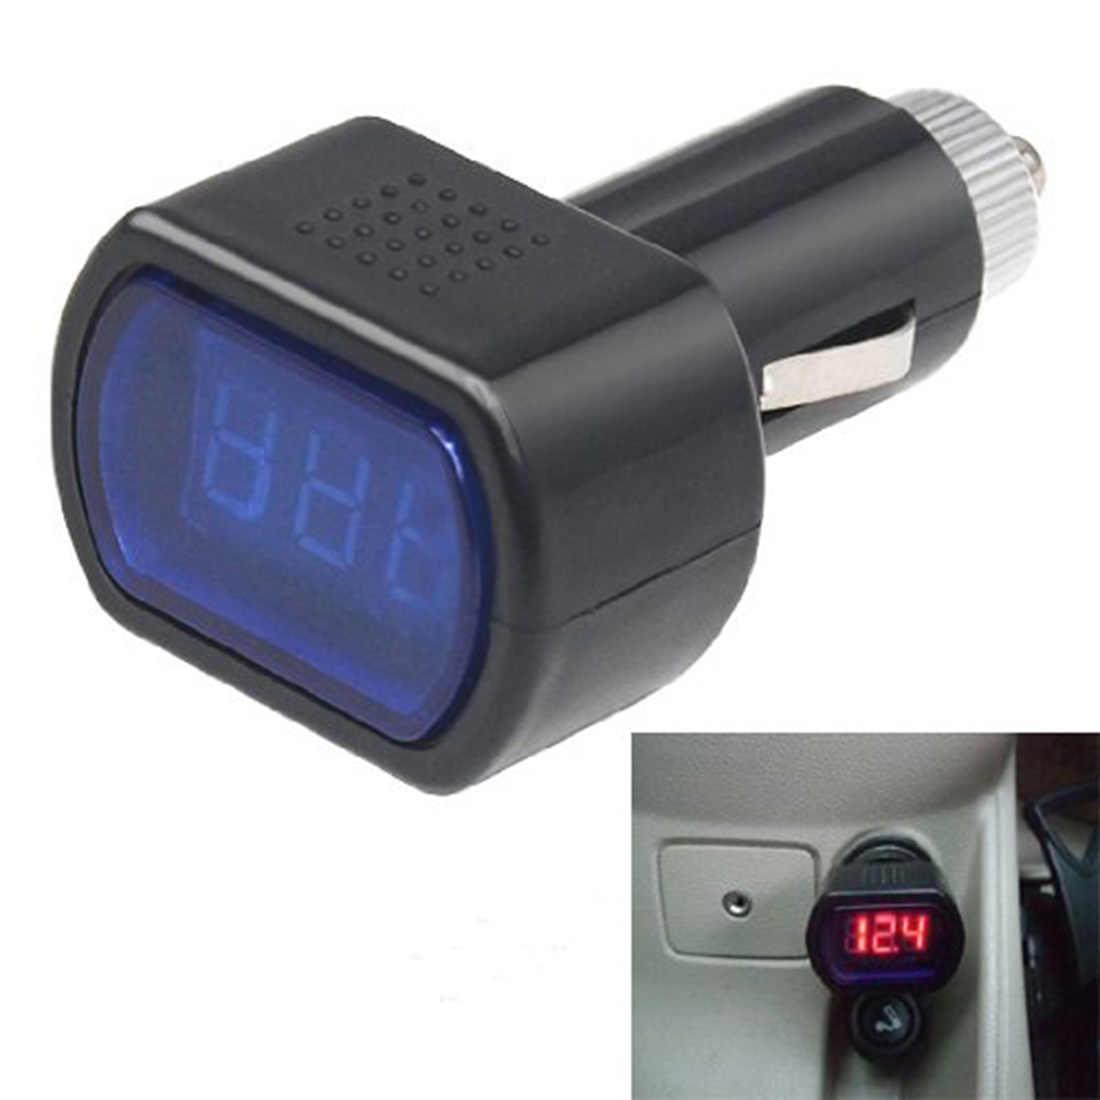 8-30V Auto Voltmetro Portatile Monitor Digitale Auto Voltmetro Del Tester Cigarette Lighter Lcd Voltage Tester di Pannello Automotive Voltmetro